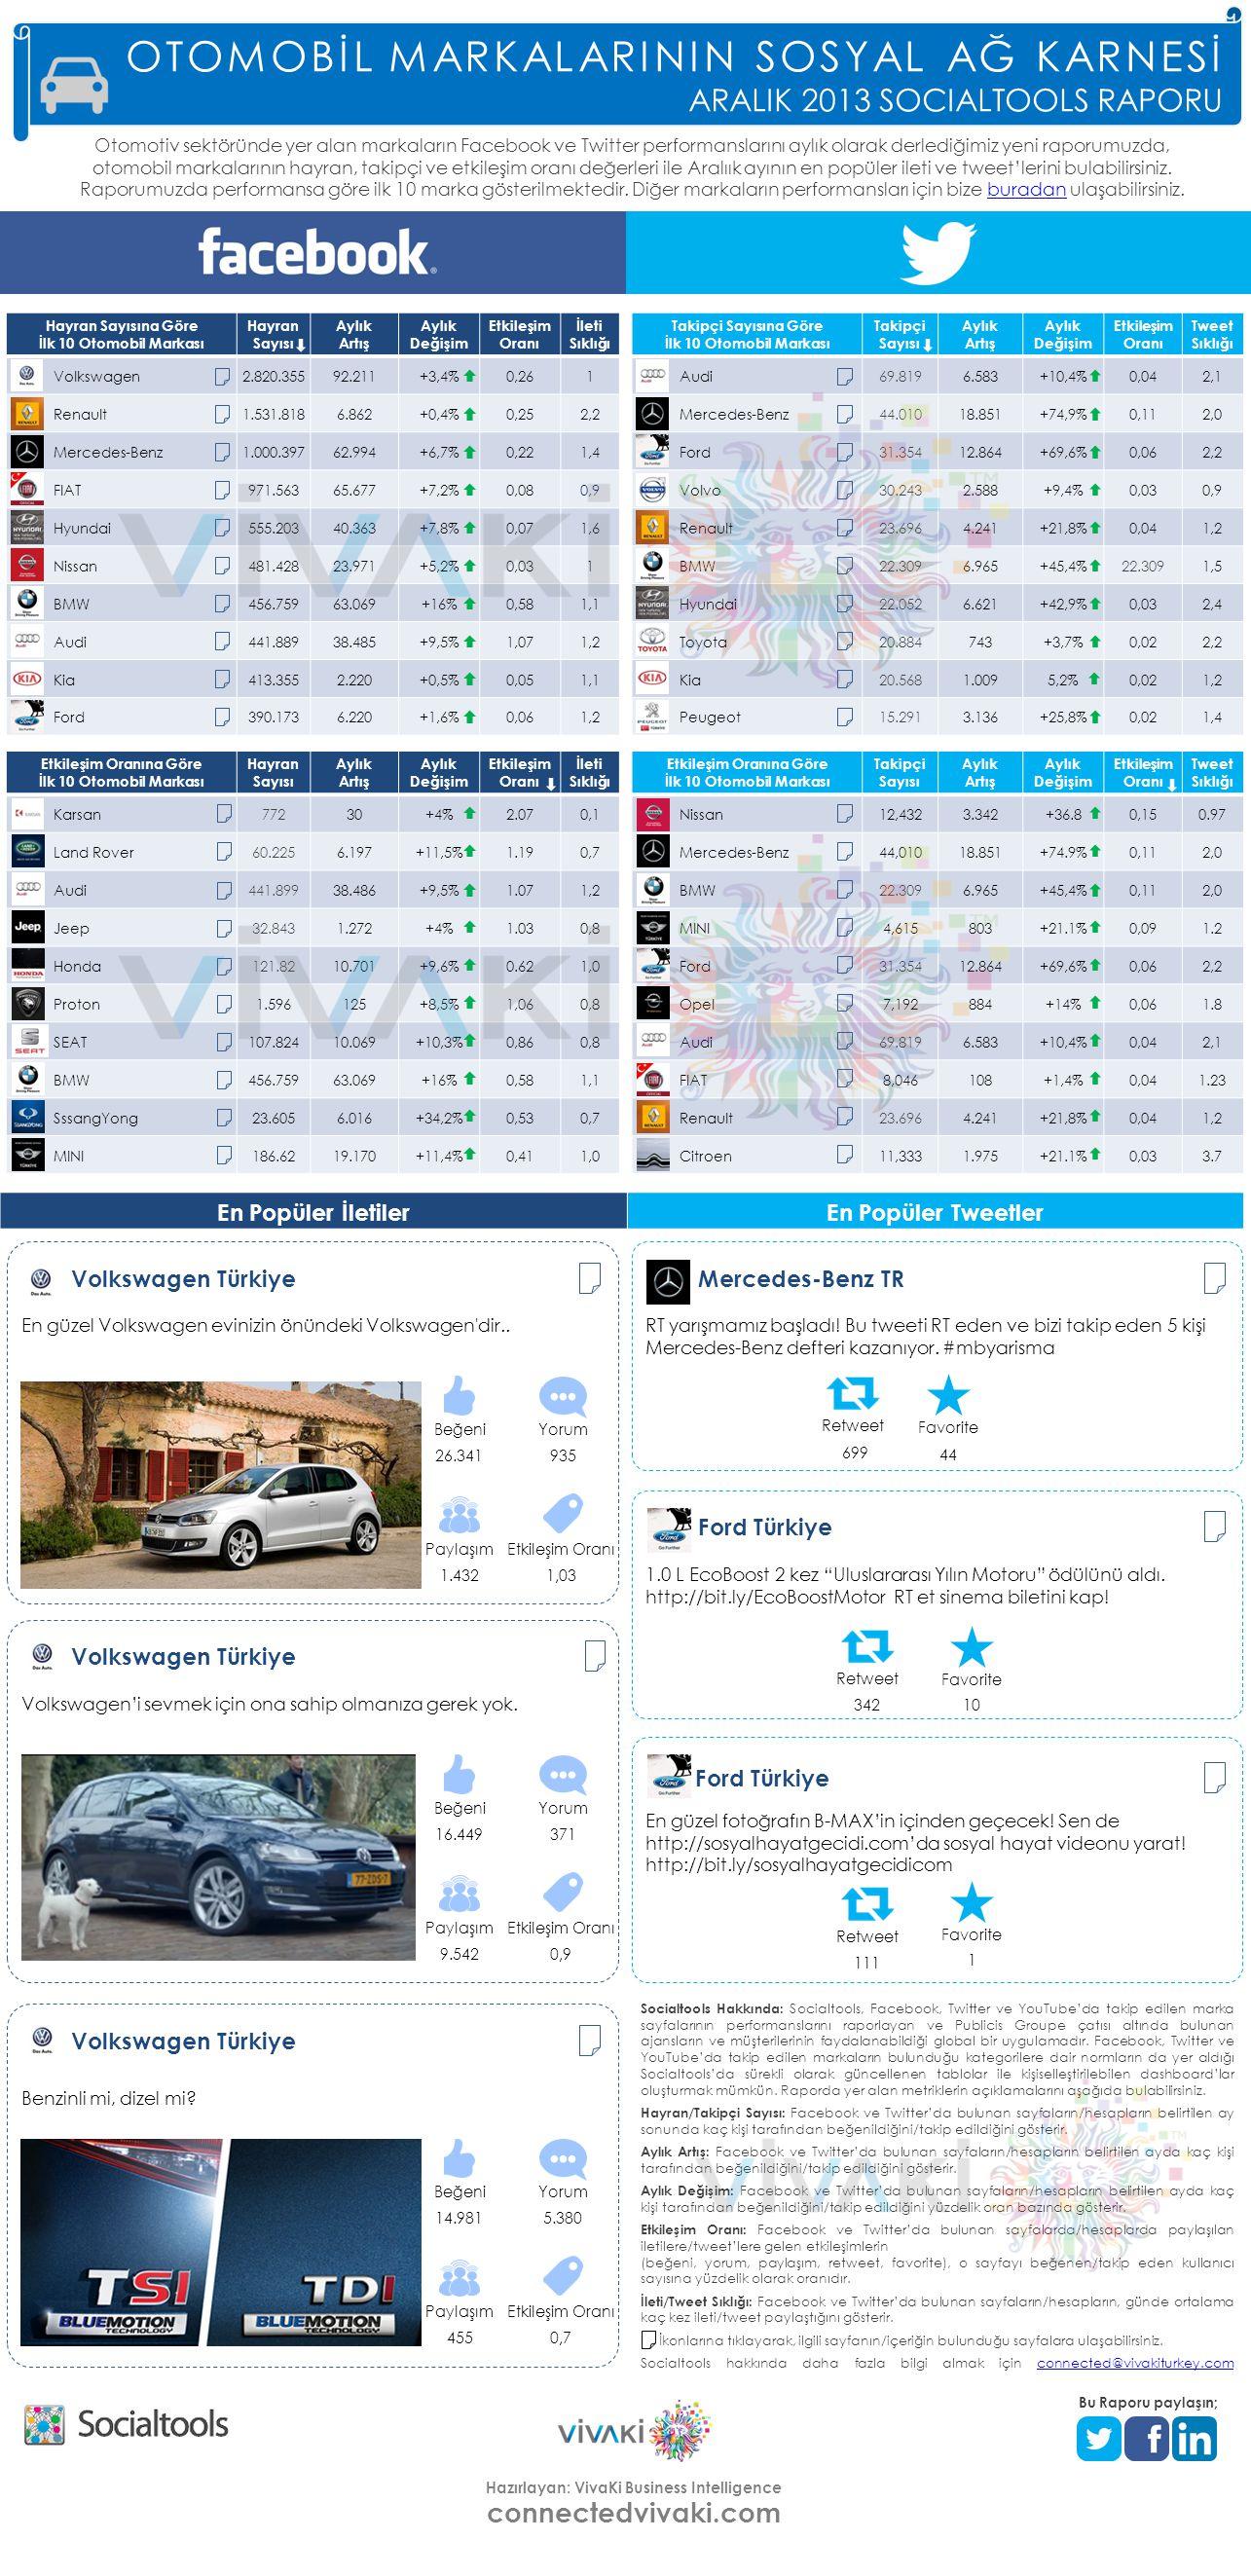 connectedvivaki.com Hazırlayan: VivaKi Business Intelligence Socialtools Hakkında: Socialtools, Facebook, Twitter ve YouTube'da takip edilen marka sayfalarının performanslarını raporlayan ve Publicis Groupe çatısı altında bulunan ajansların ve müşterilerinin faydalanabildiği global bir uygulamadır.